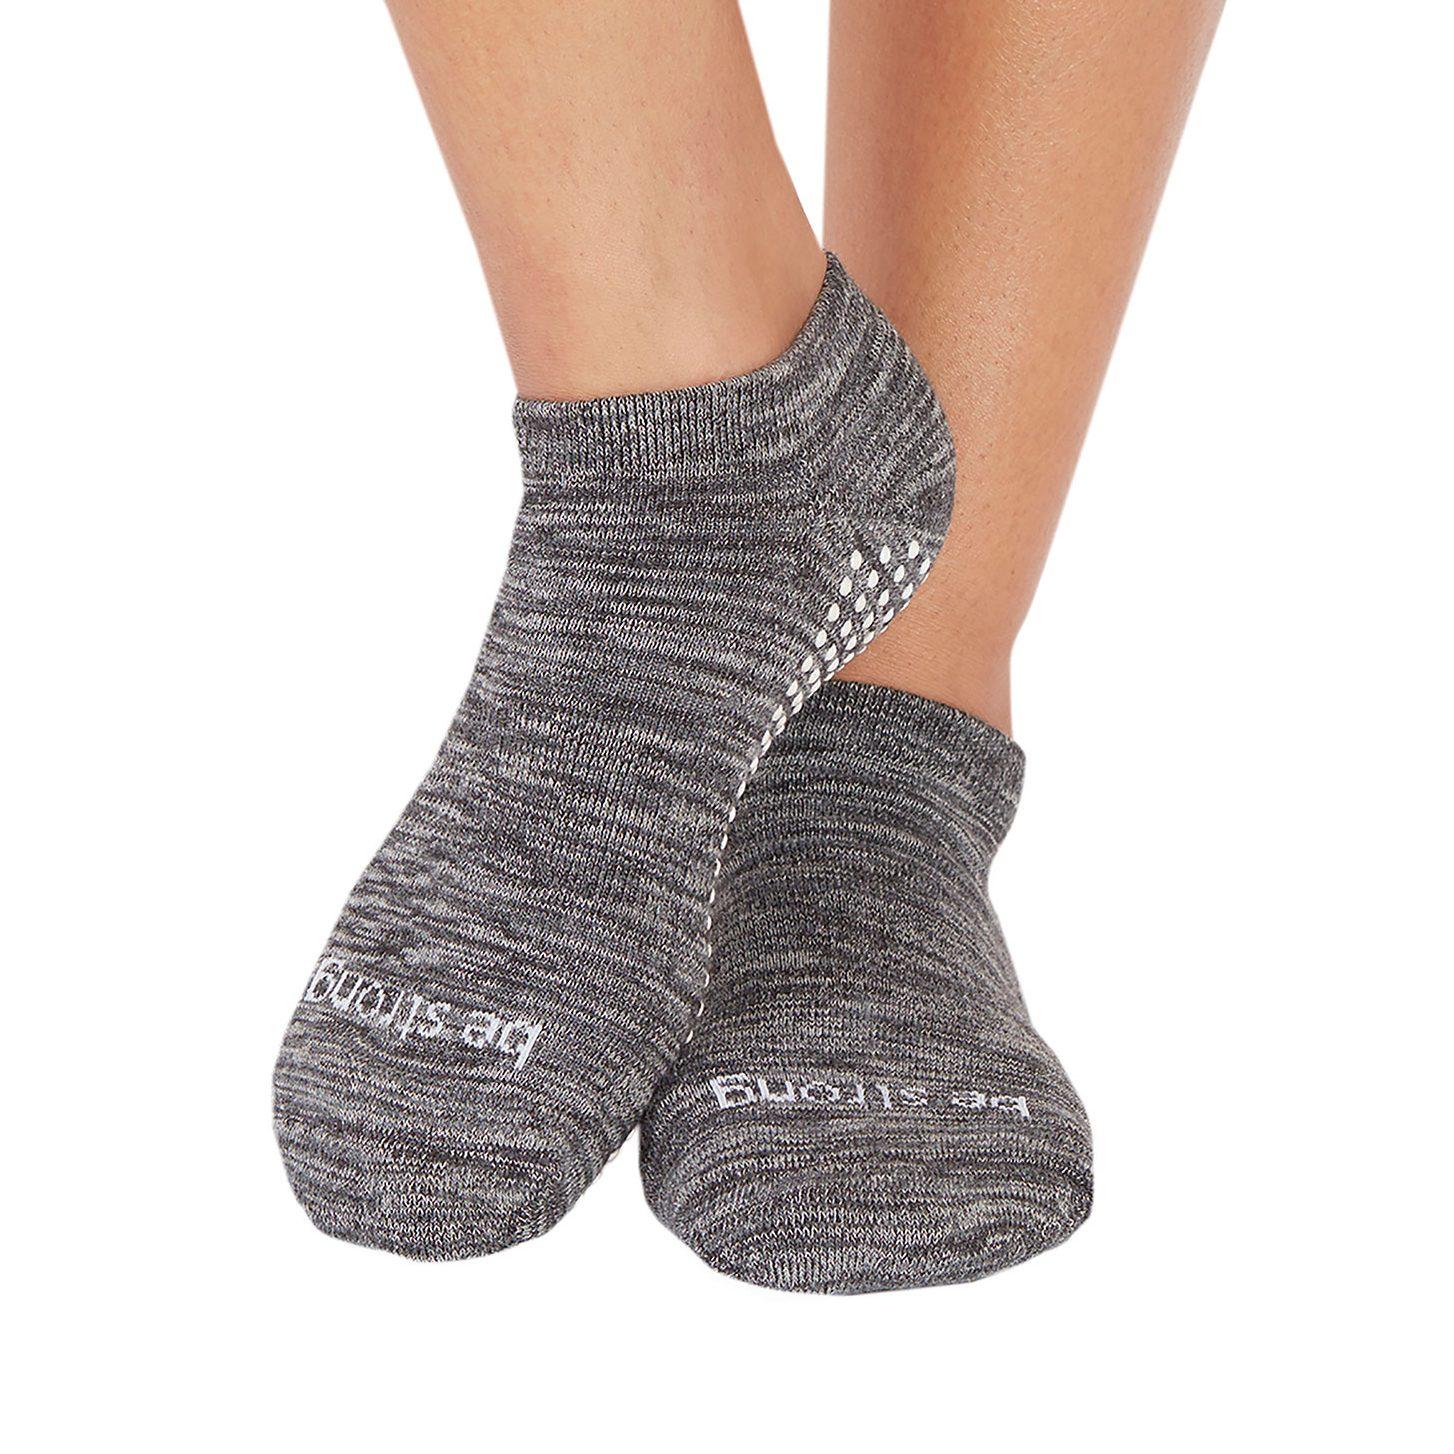 Socks for grandmas mothers day gift